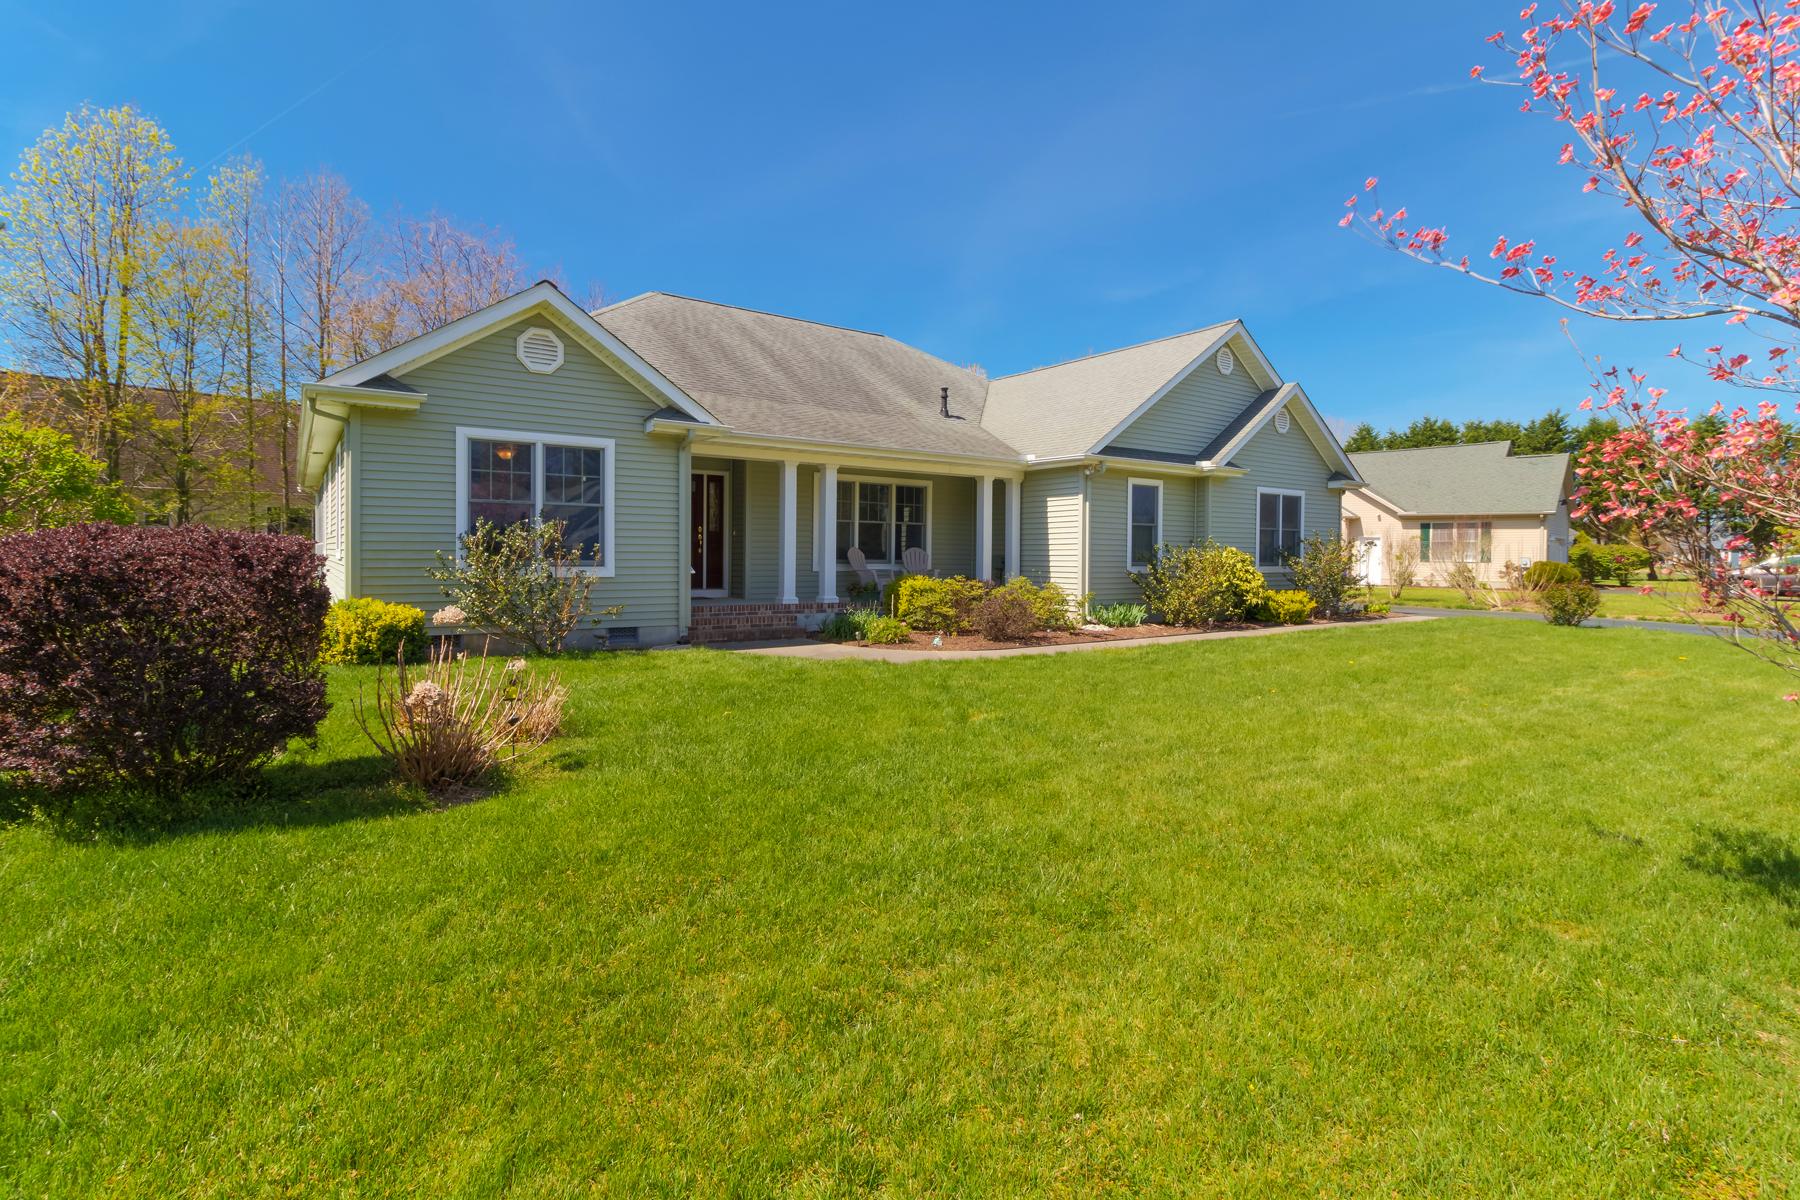 Частный односемейный дом для того Продажа на 17042 Jays Way , Milton, DE 19968 17042 Jays Way Milton, 19968 Соединенные Штаты